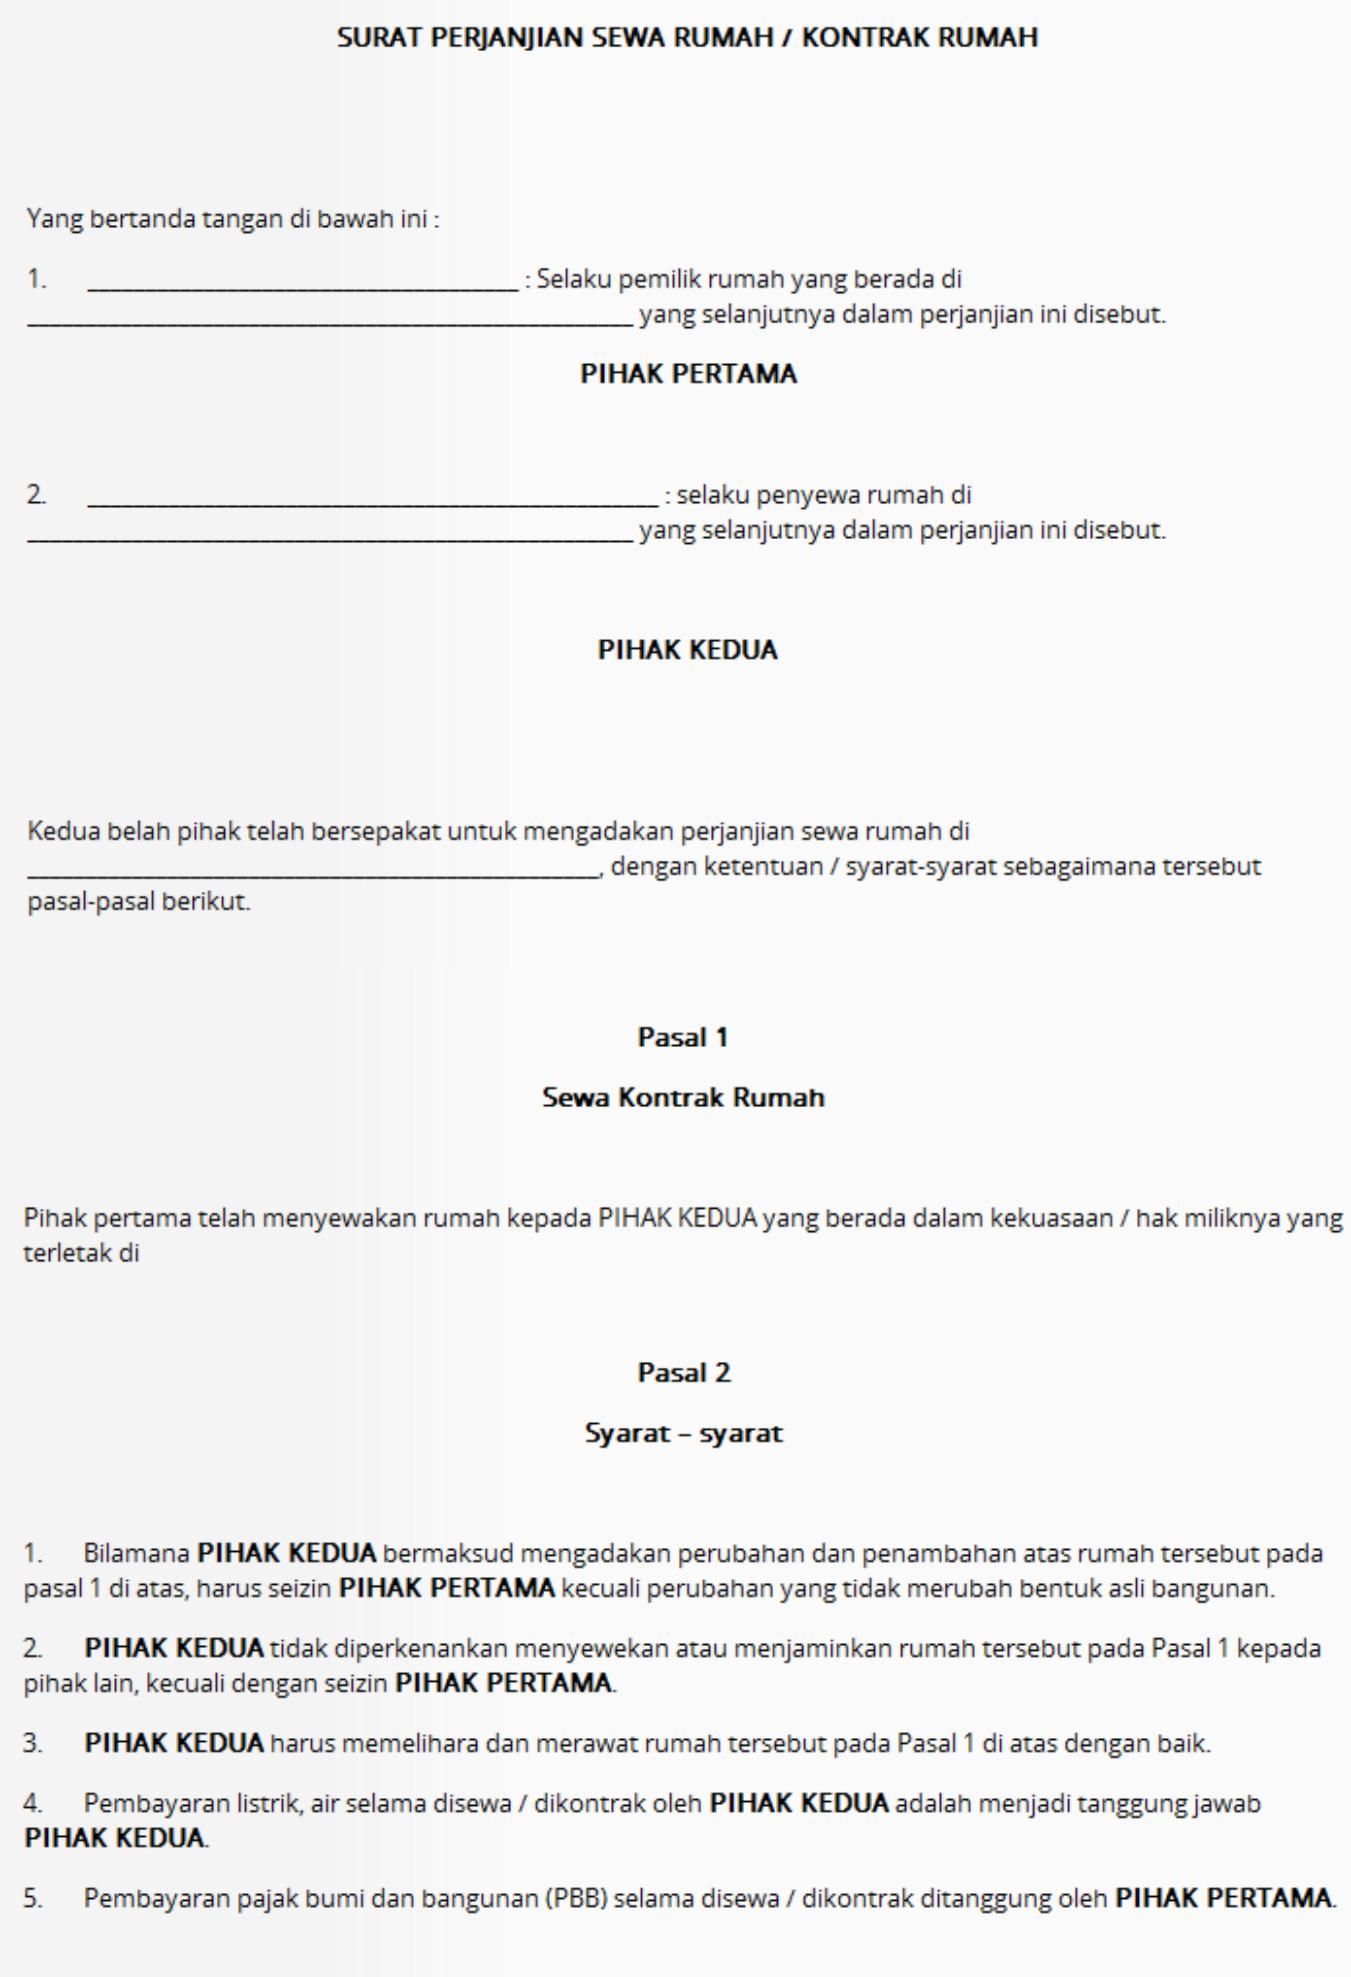 Contoh Surat Perjanjian Kontrak Sewa Rumah Di Solo Griya